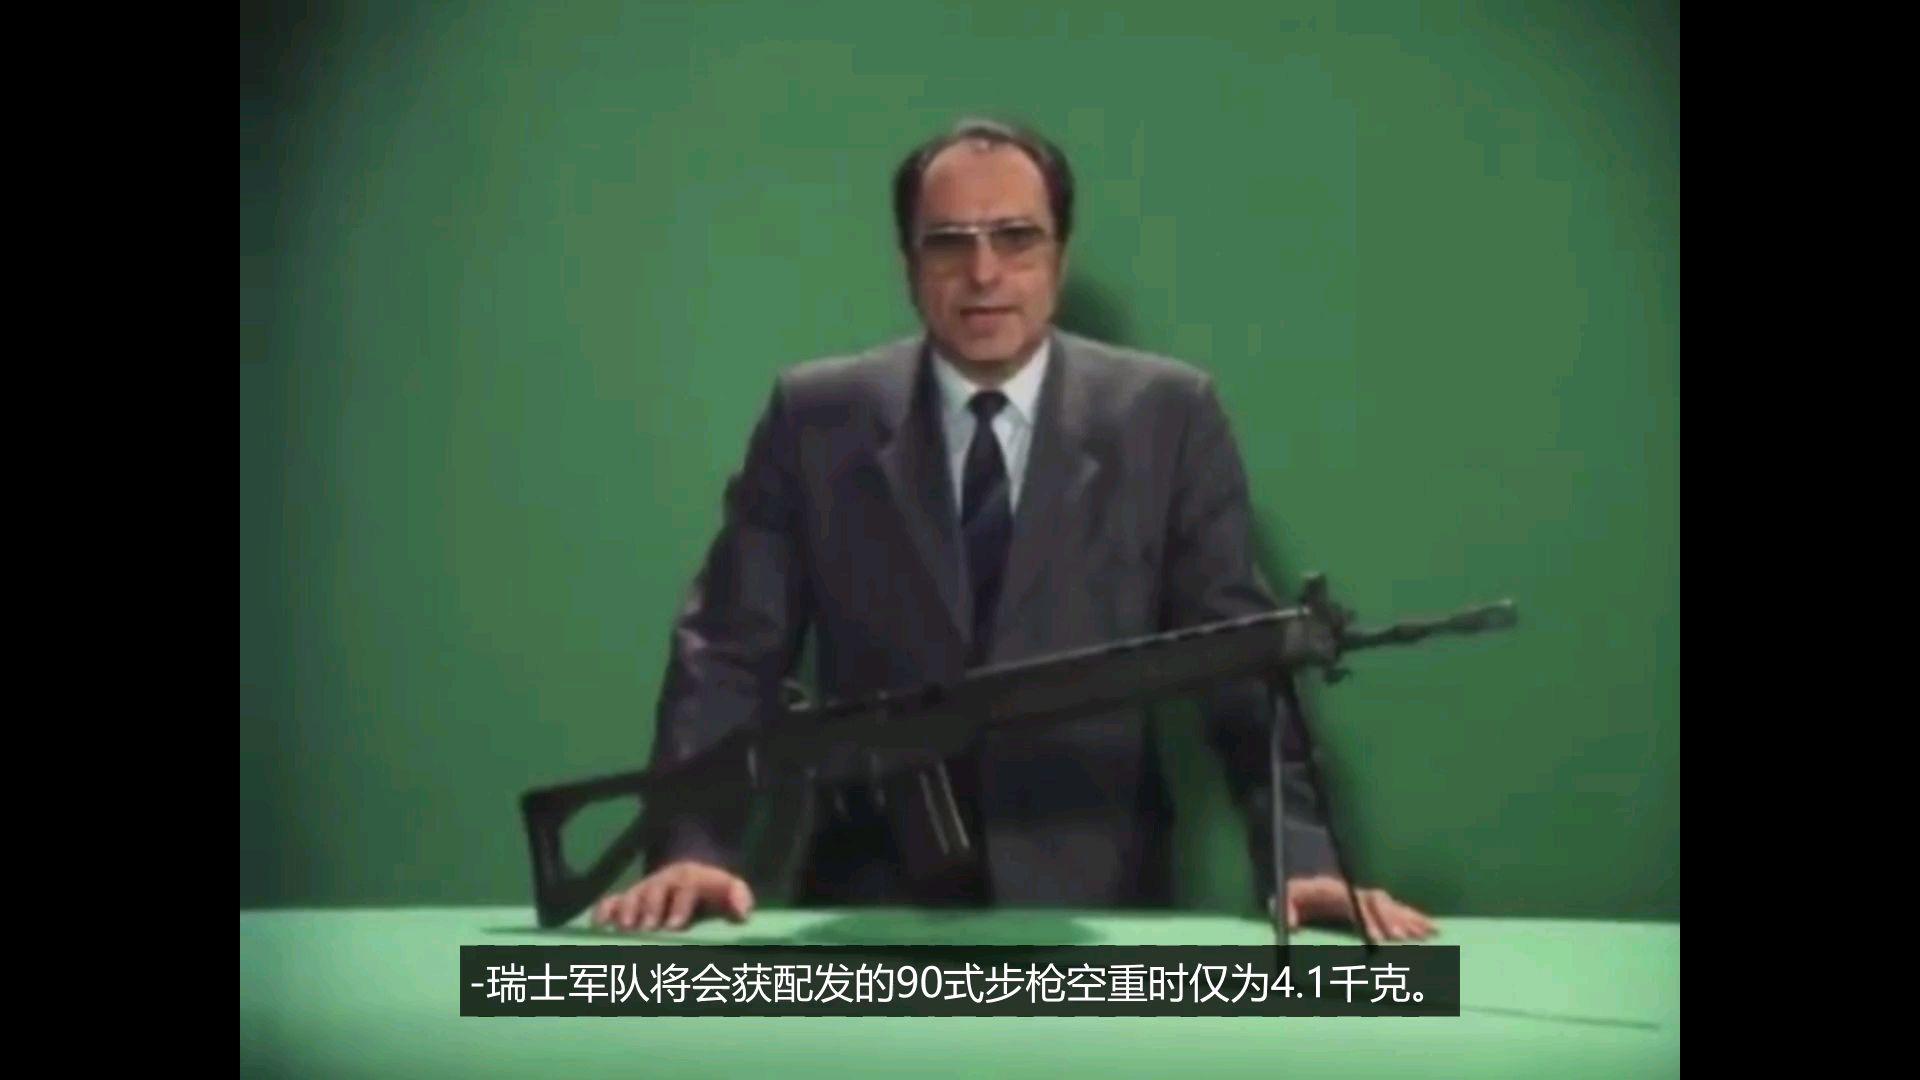 【德语/中字】瑞士武装力量军教片-90式突击步枪(SG 550)(1986年发行)(已修改)